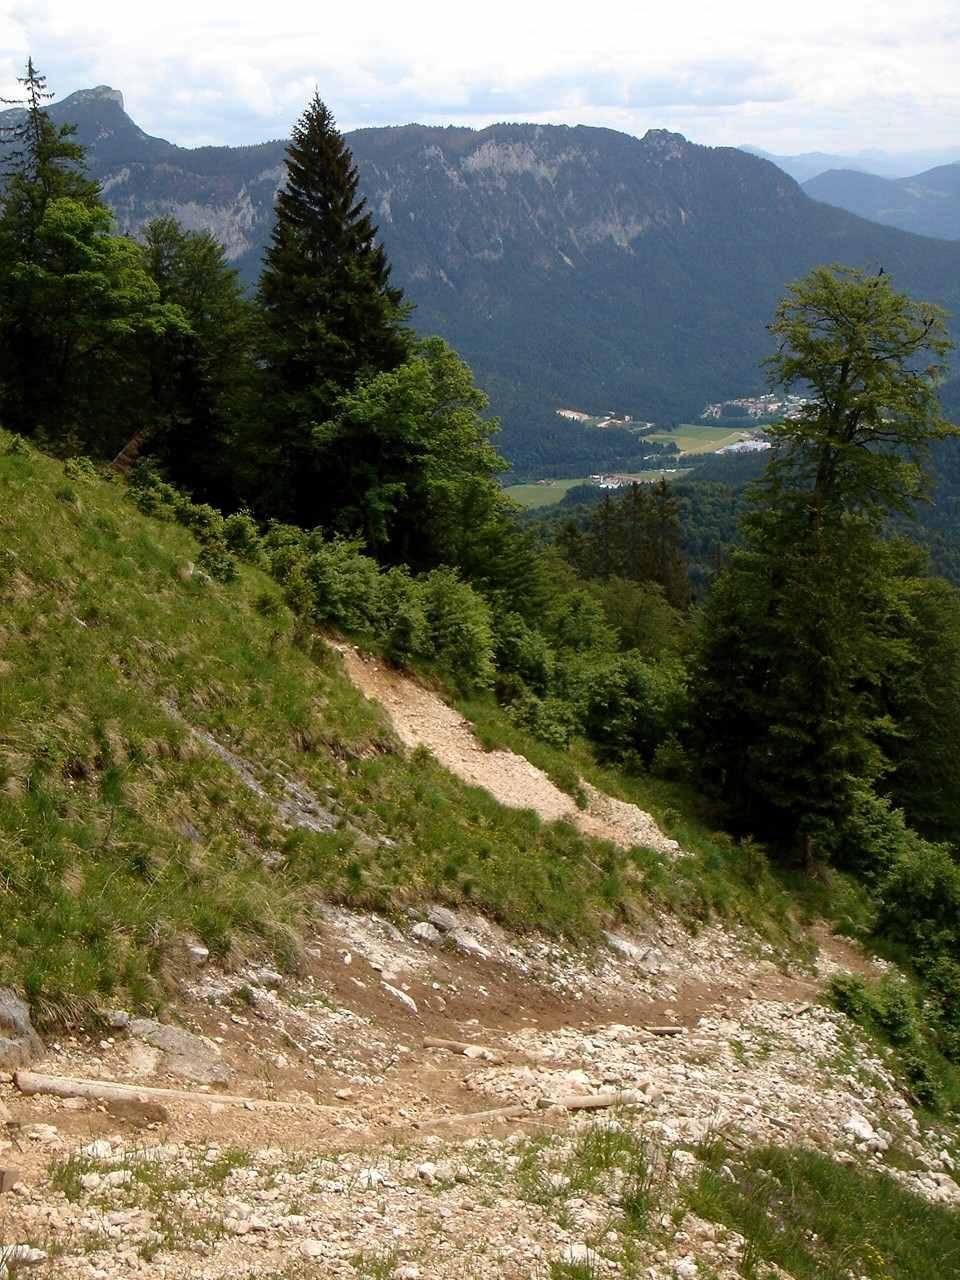 Foto: Manfred Karl / Wander Tour / Törlkopf, 1704 m / Die Erosionsstelle unterhalb des Gratkammes. / 03.06.2007 20:47:49